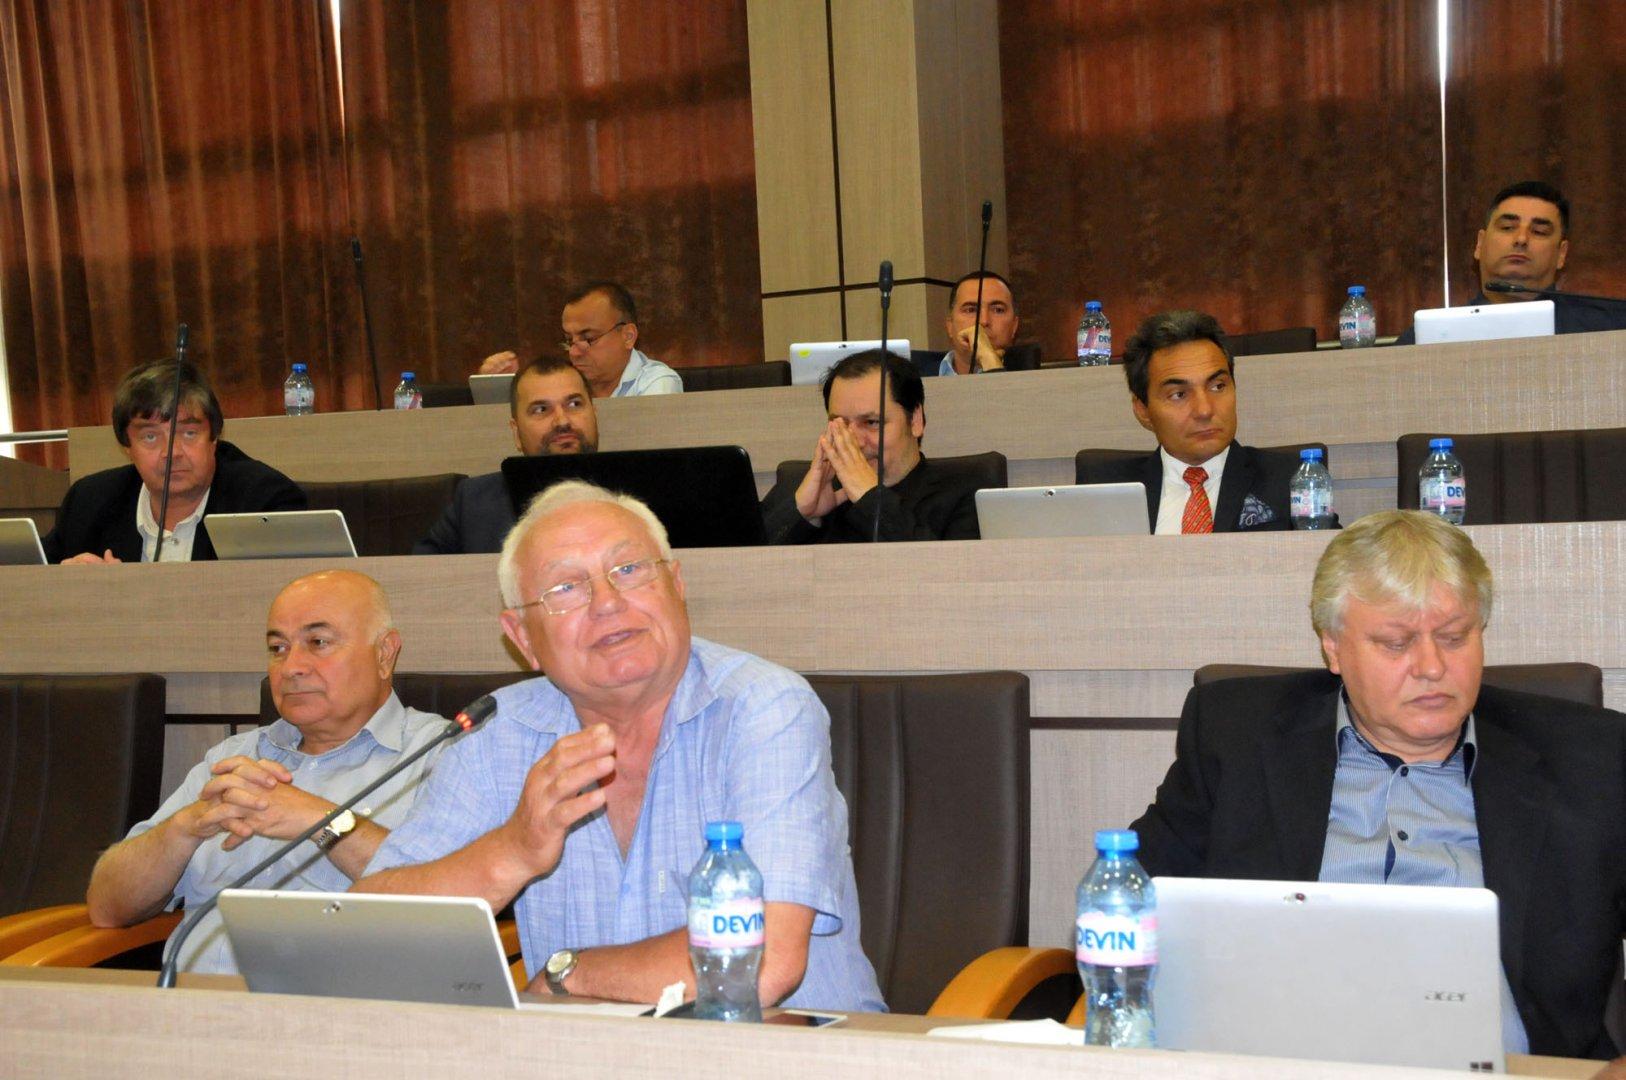 Общинският съветник Кирил Петков (в средата) е подал сигнала в прокуратурата. Снимка Лина Главинова